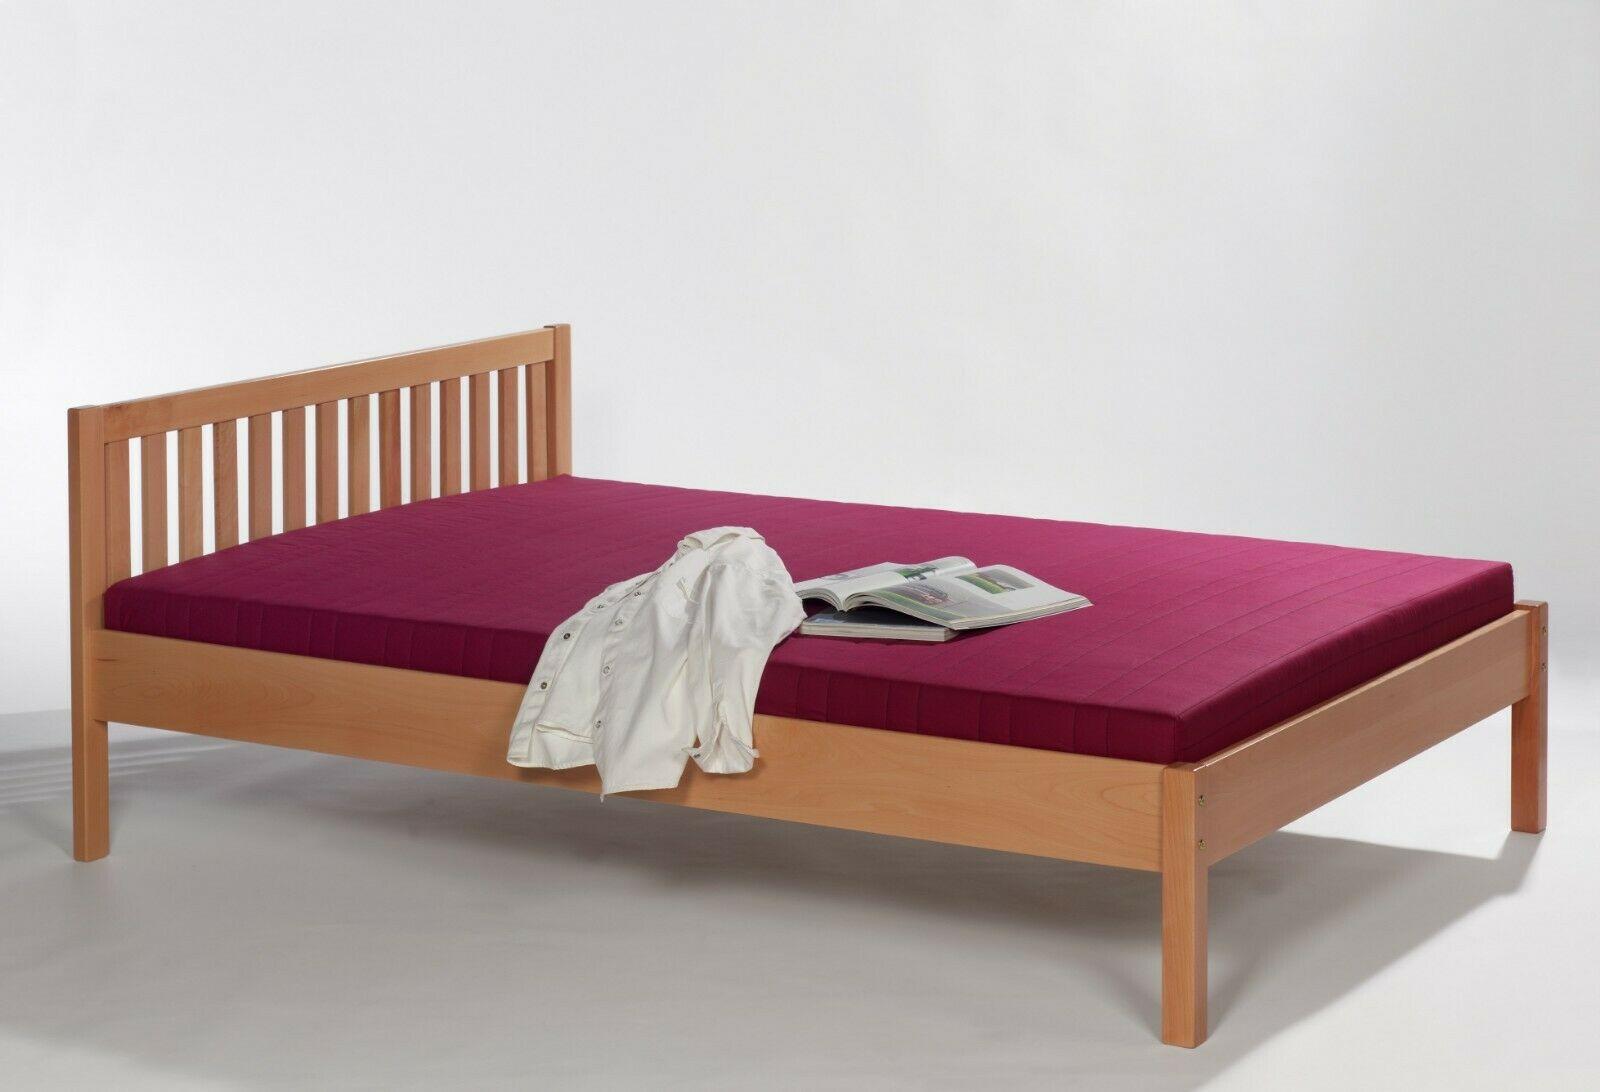 Full Size of Weißes Bett 90x200 Weiß Mit Bettkasten Betten Schubladen Kiefer Lattenrost Und Matratze Wohnzimmer Seniorenbett 90x200